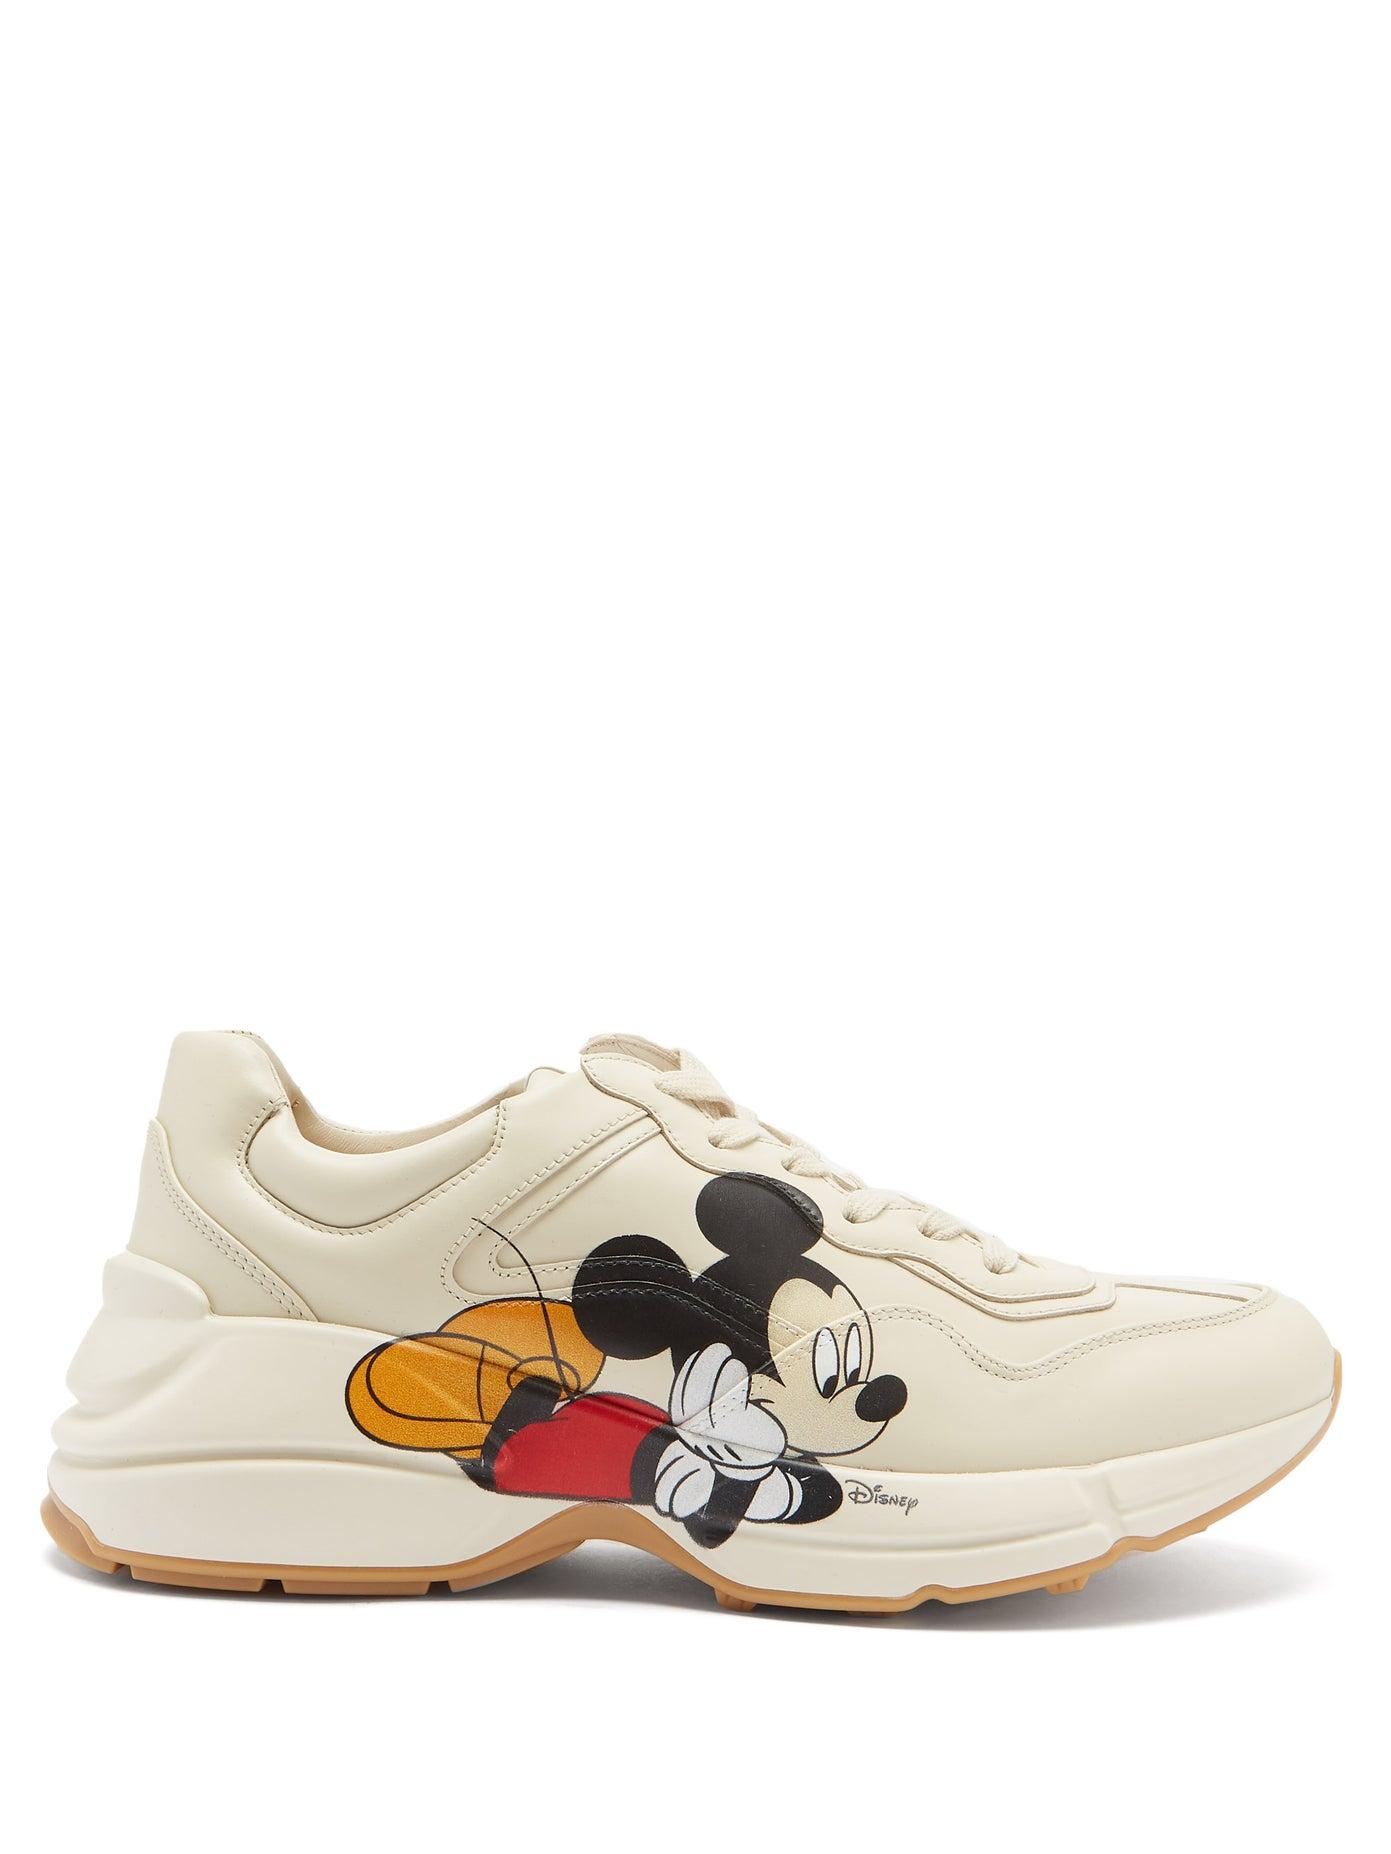 Gucci 老爹鞋